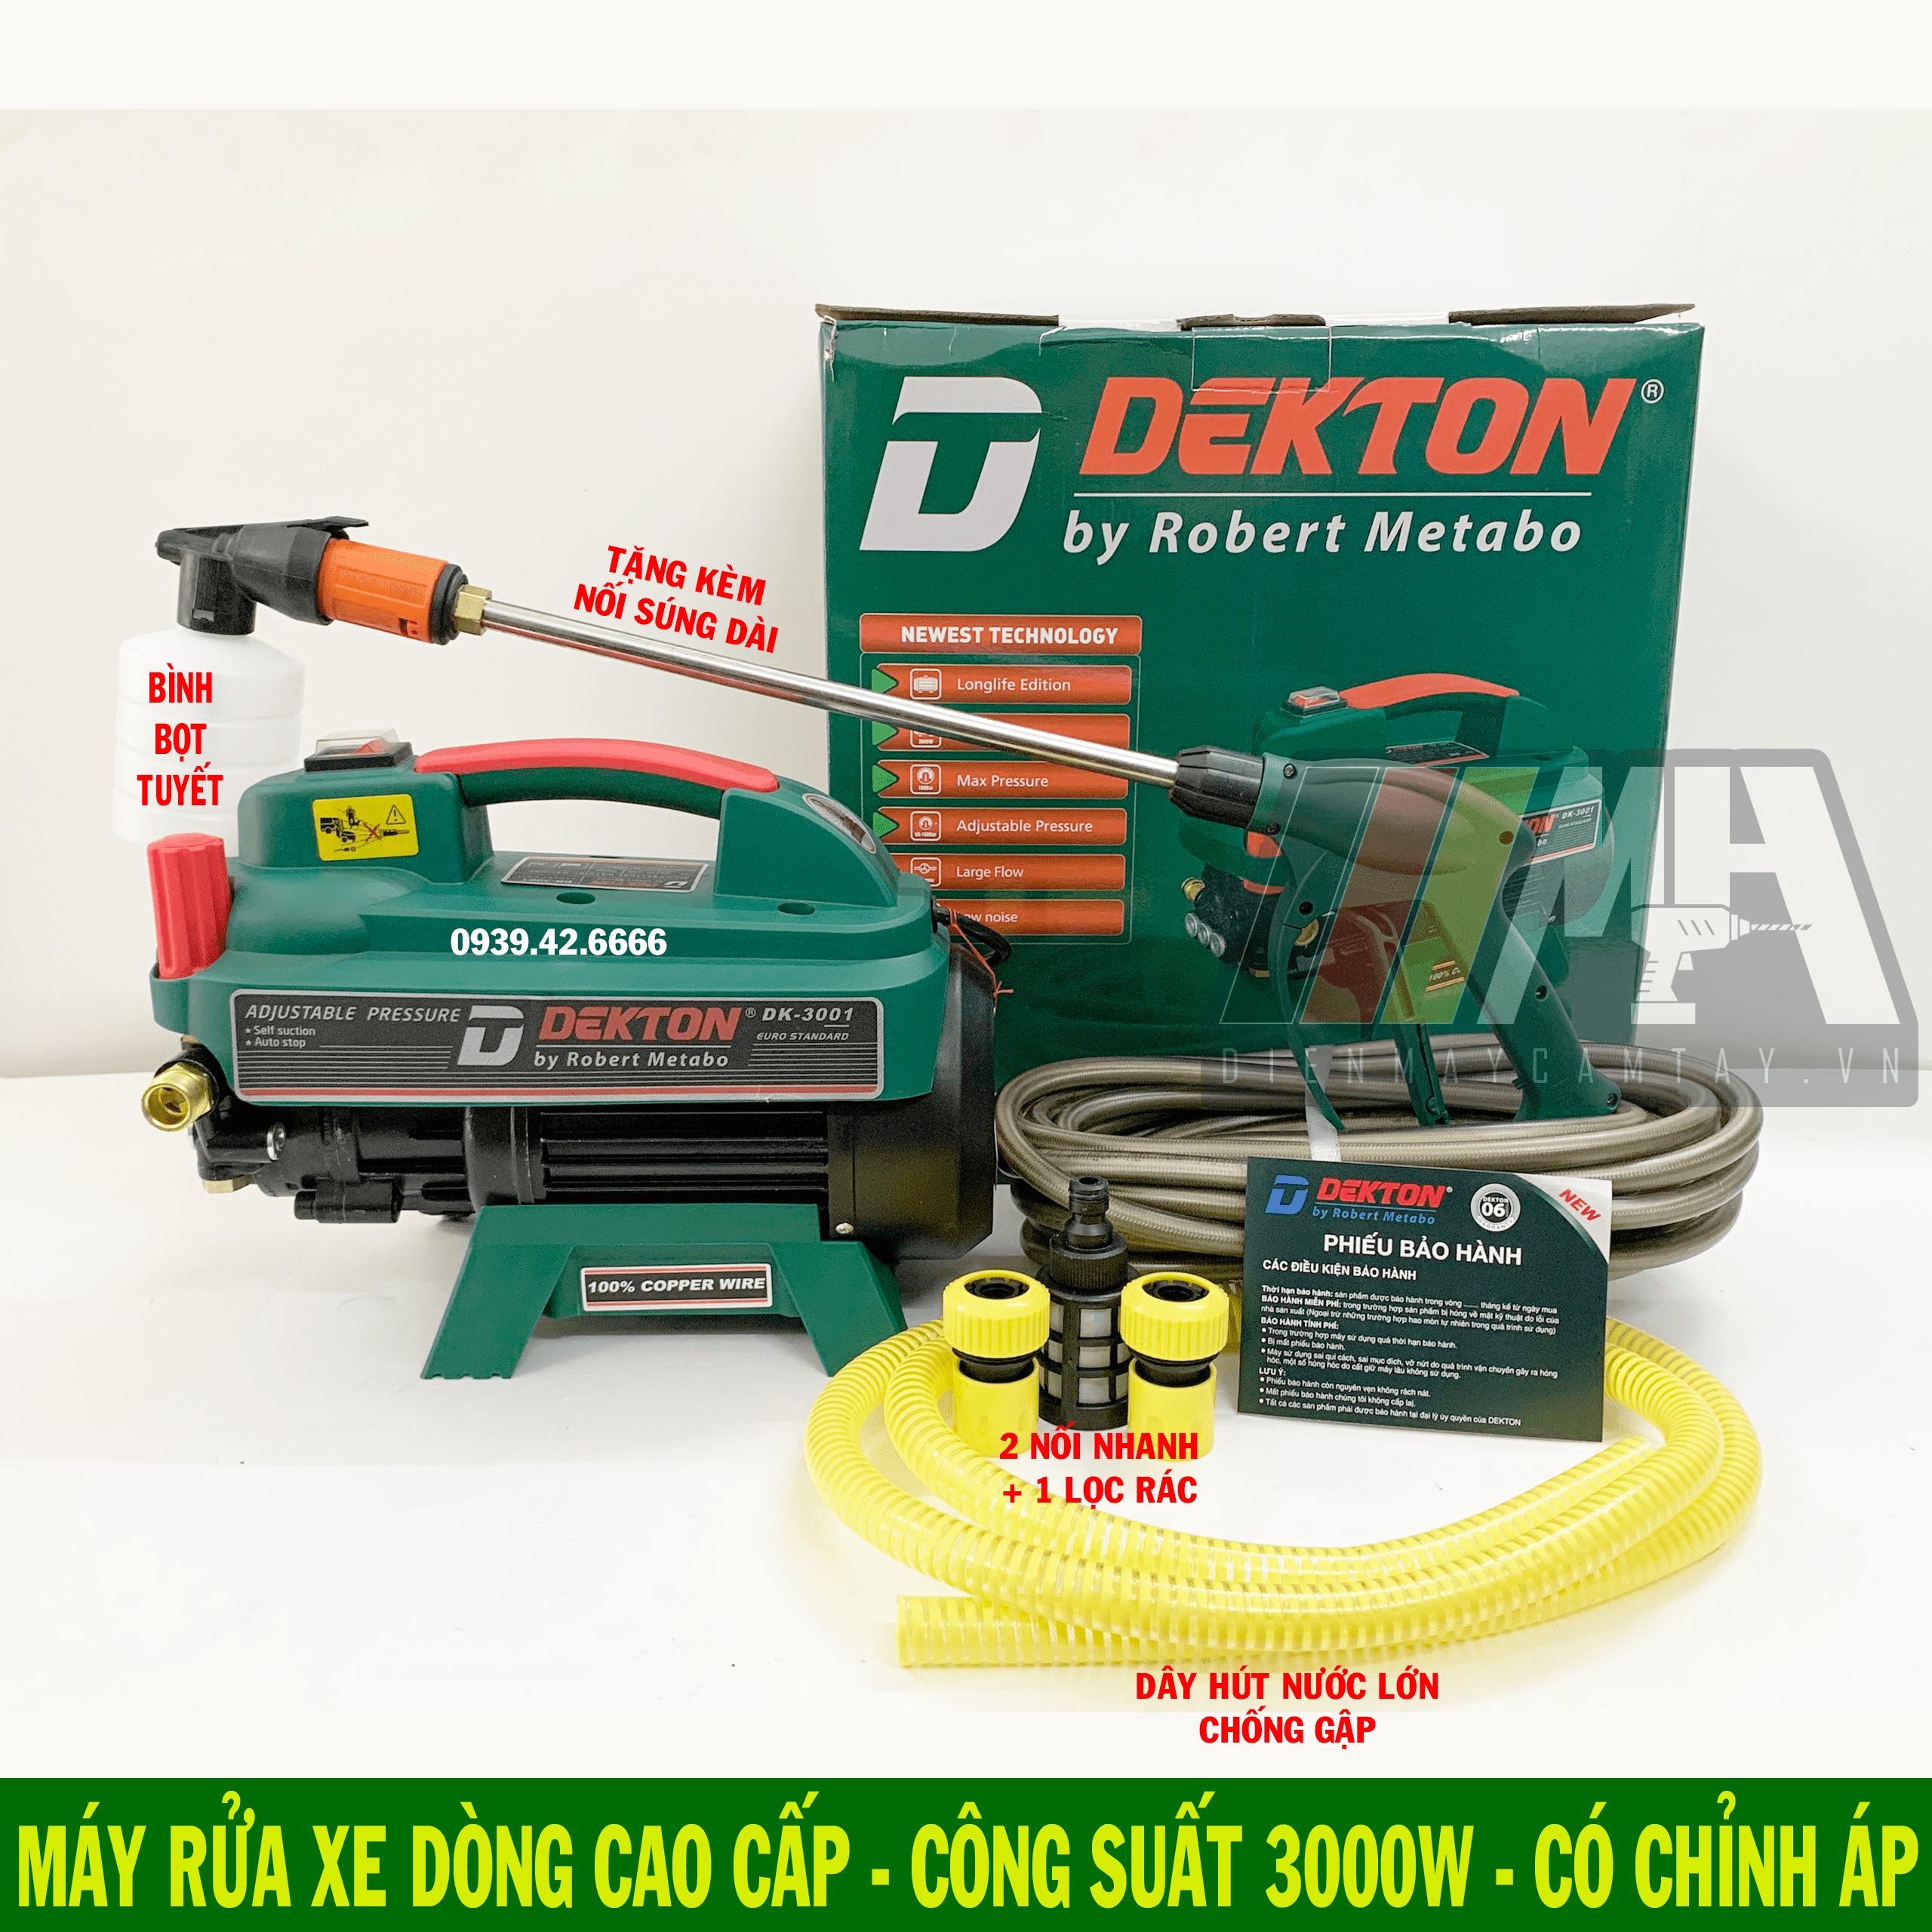 Máy rửa xe chỉnh áp Dekton Model DK-3001 - Điện Máy Cầm Tay